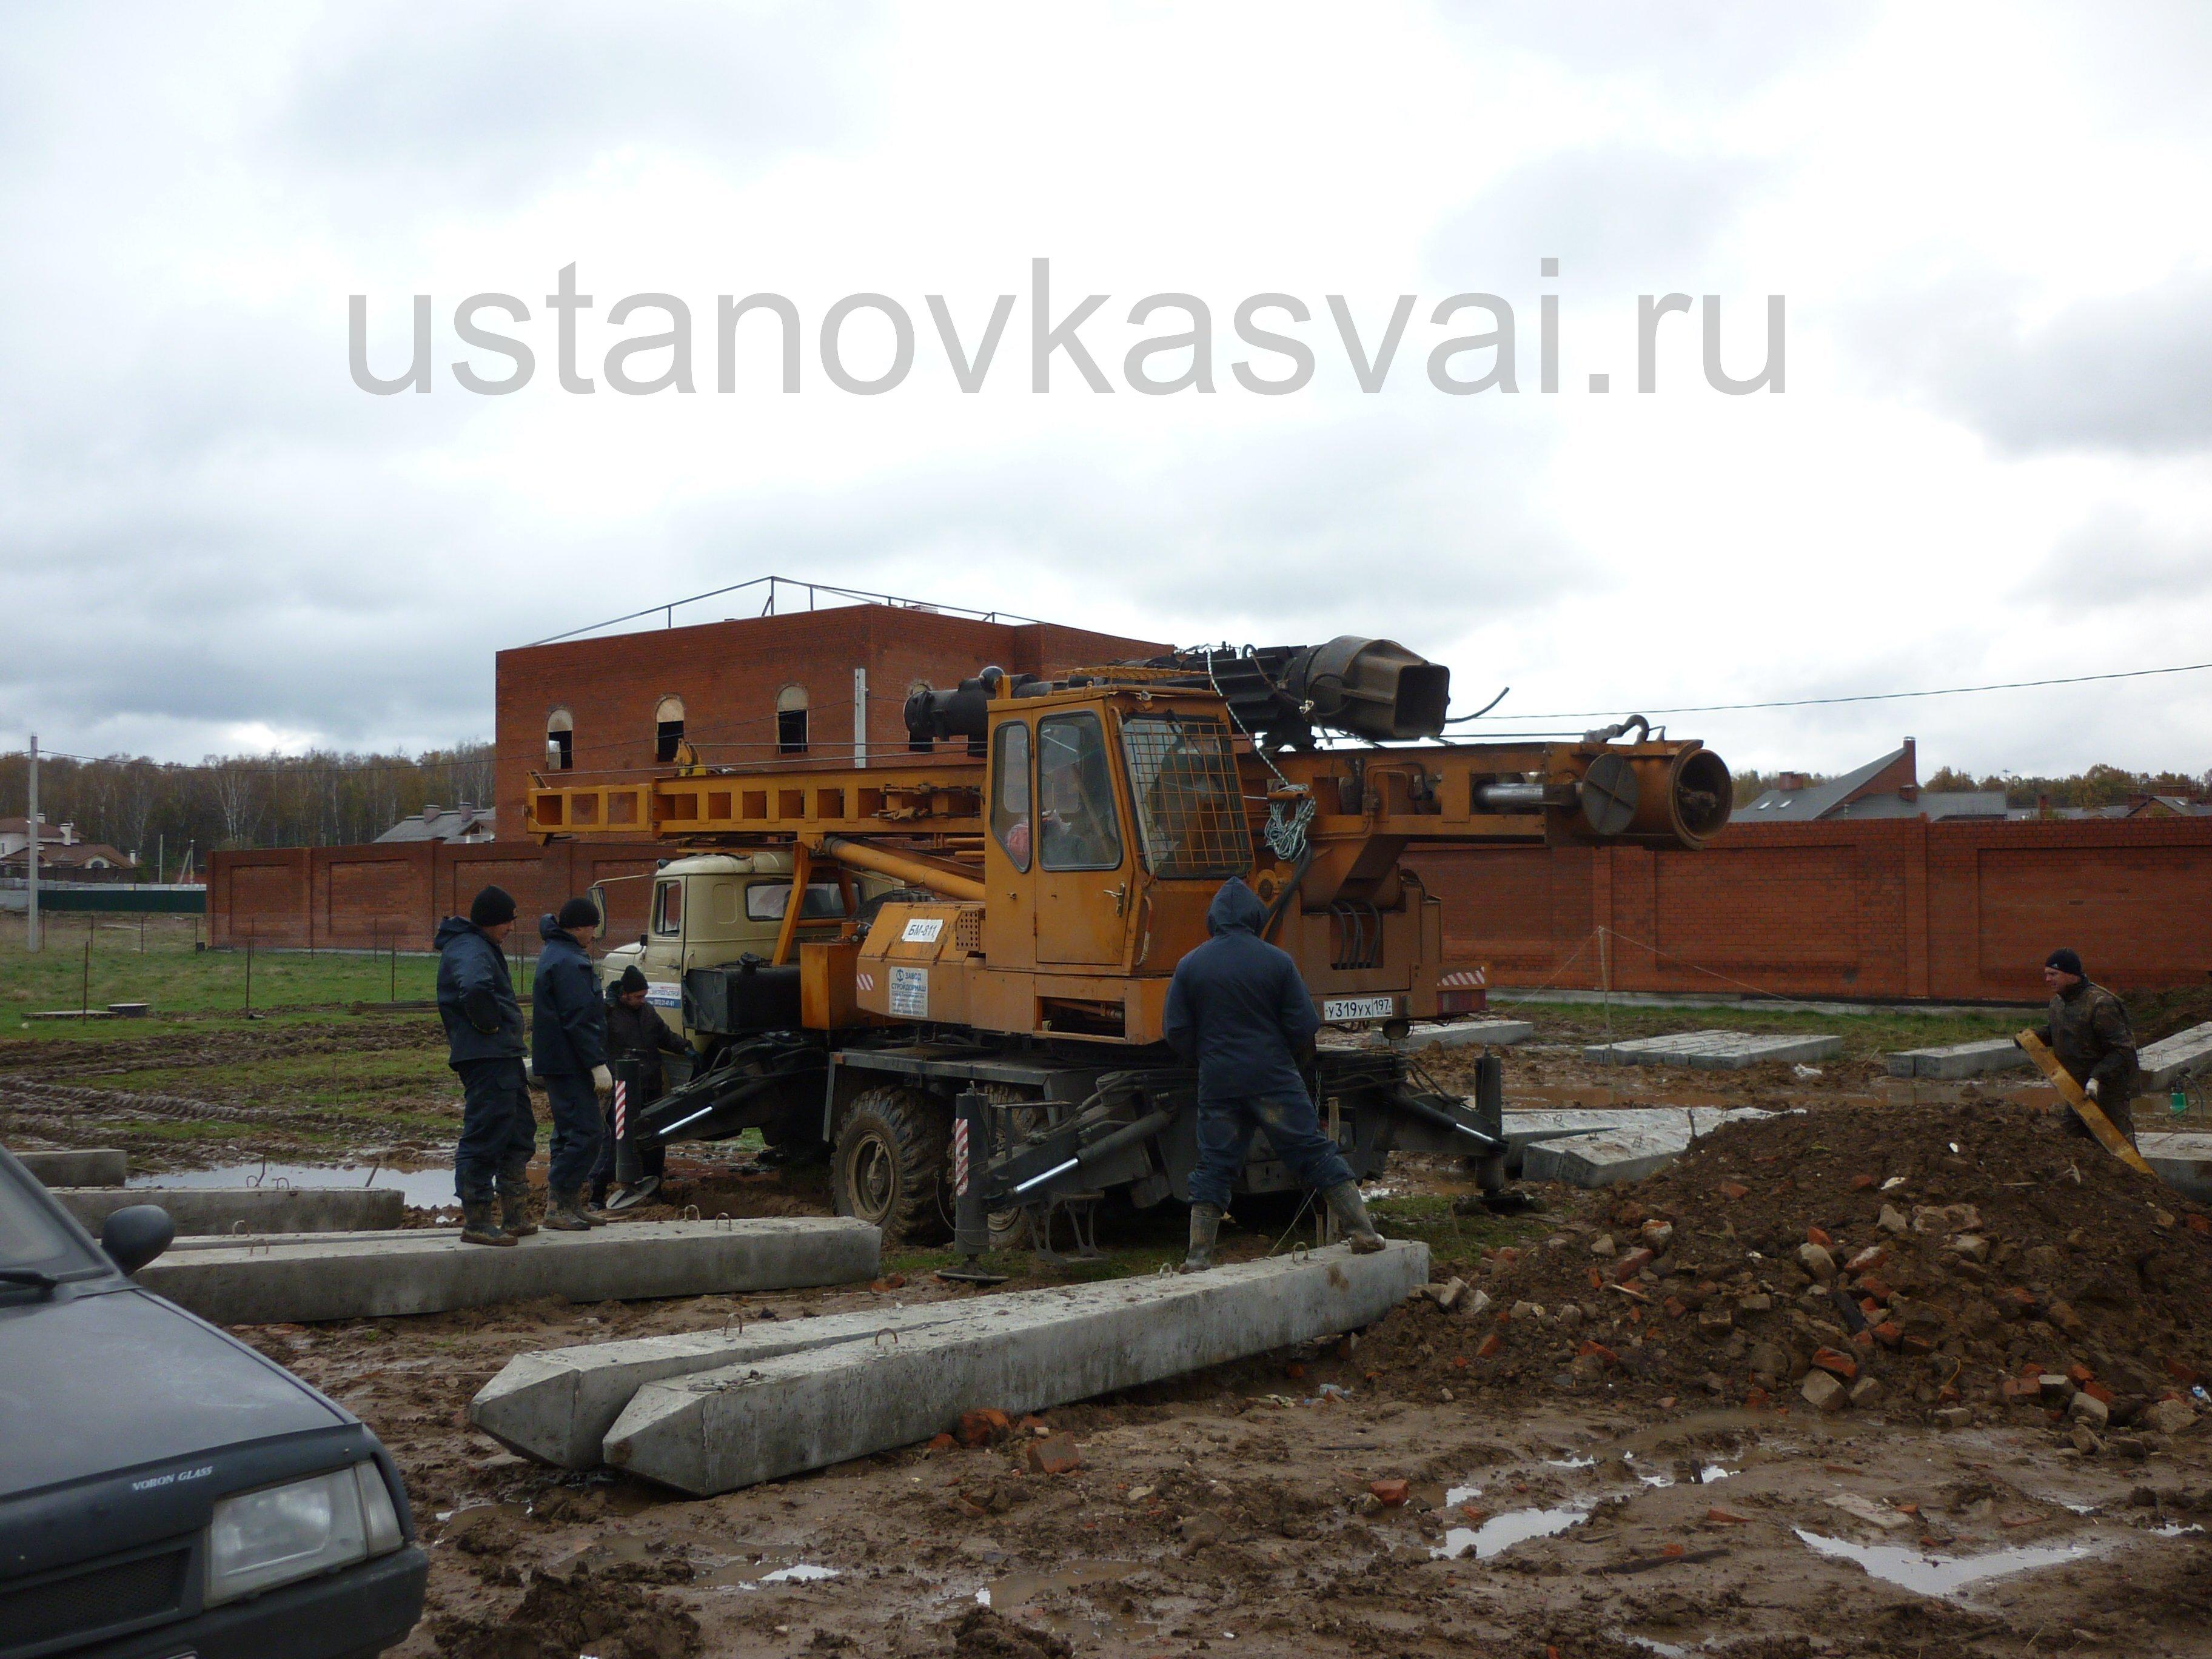 Столбчатый фундамент купить в Подольске